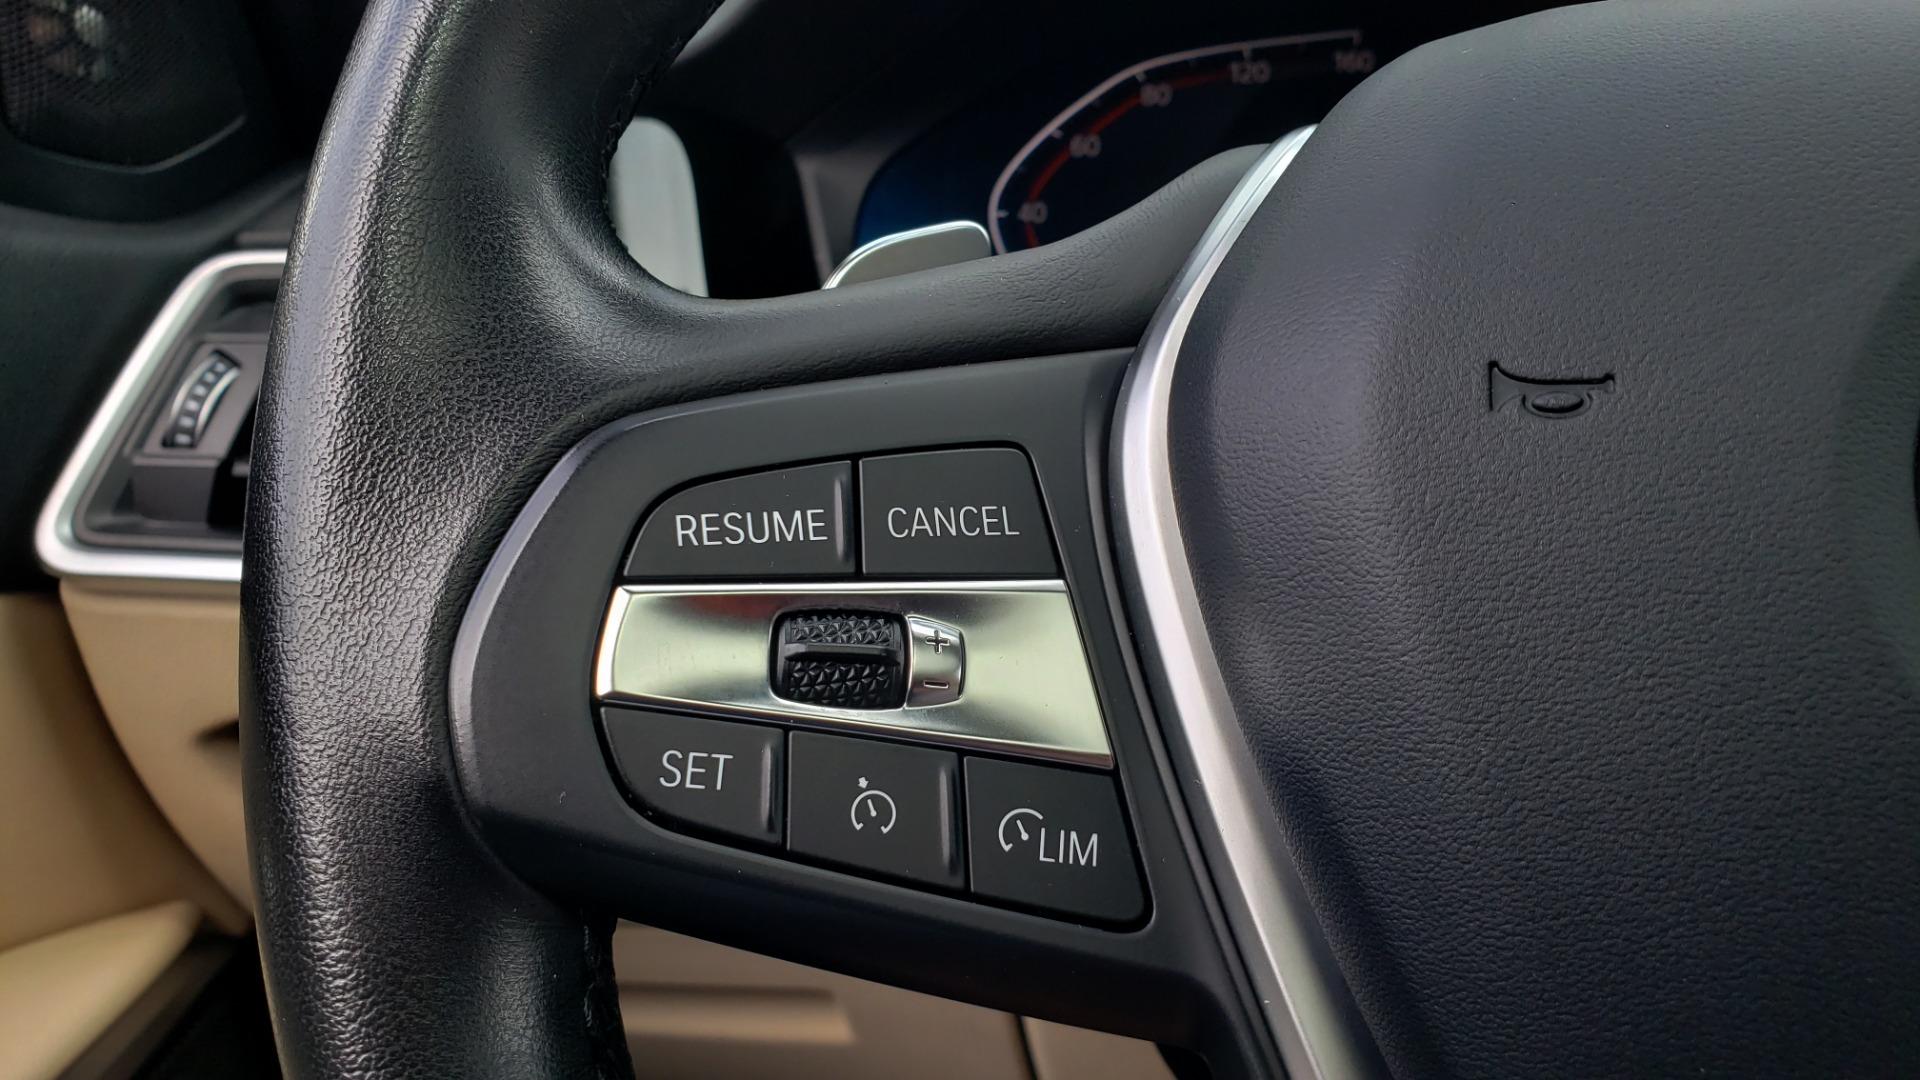 Used 2019 BMW 3 SERIES 330I PREM PKG / NAV / CONV PKG / H&K SND / LIVE COCKPIT PRO for sale Sold at Formula Imports in Charlotte NC 28227 40